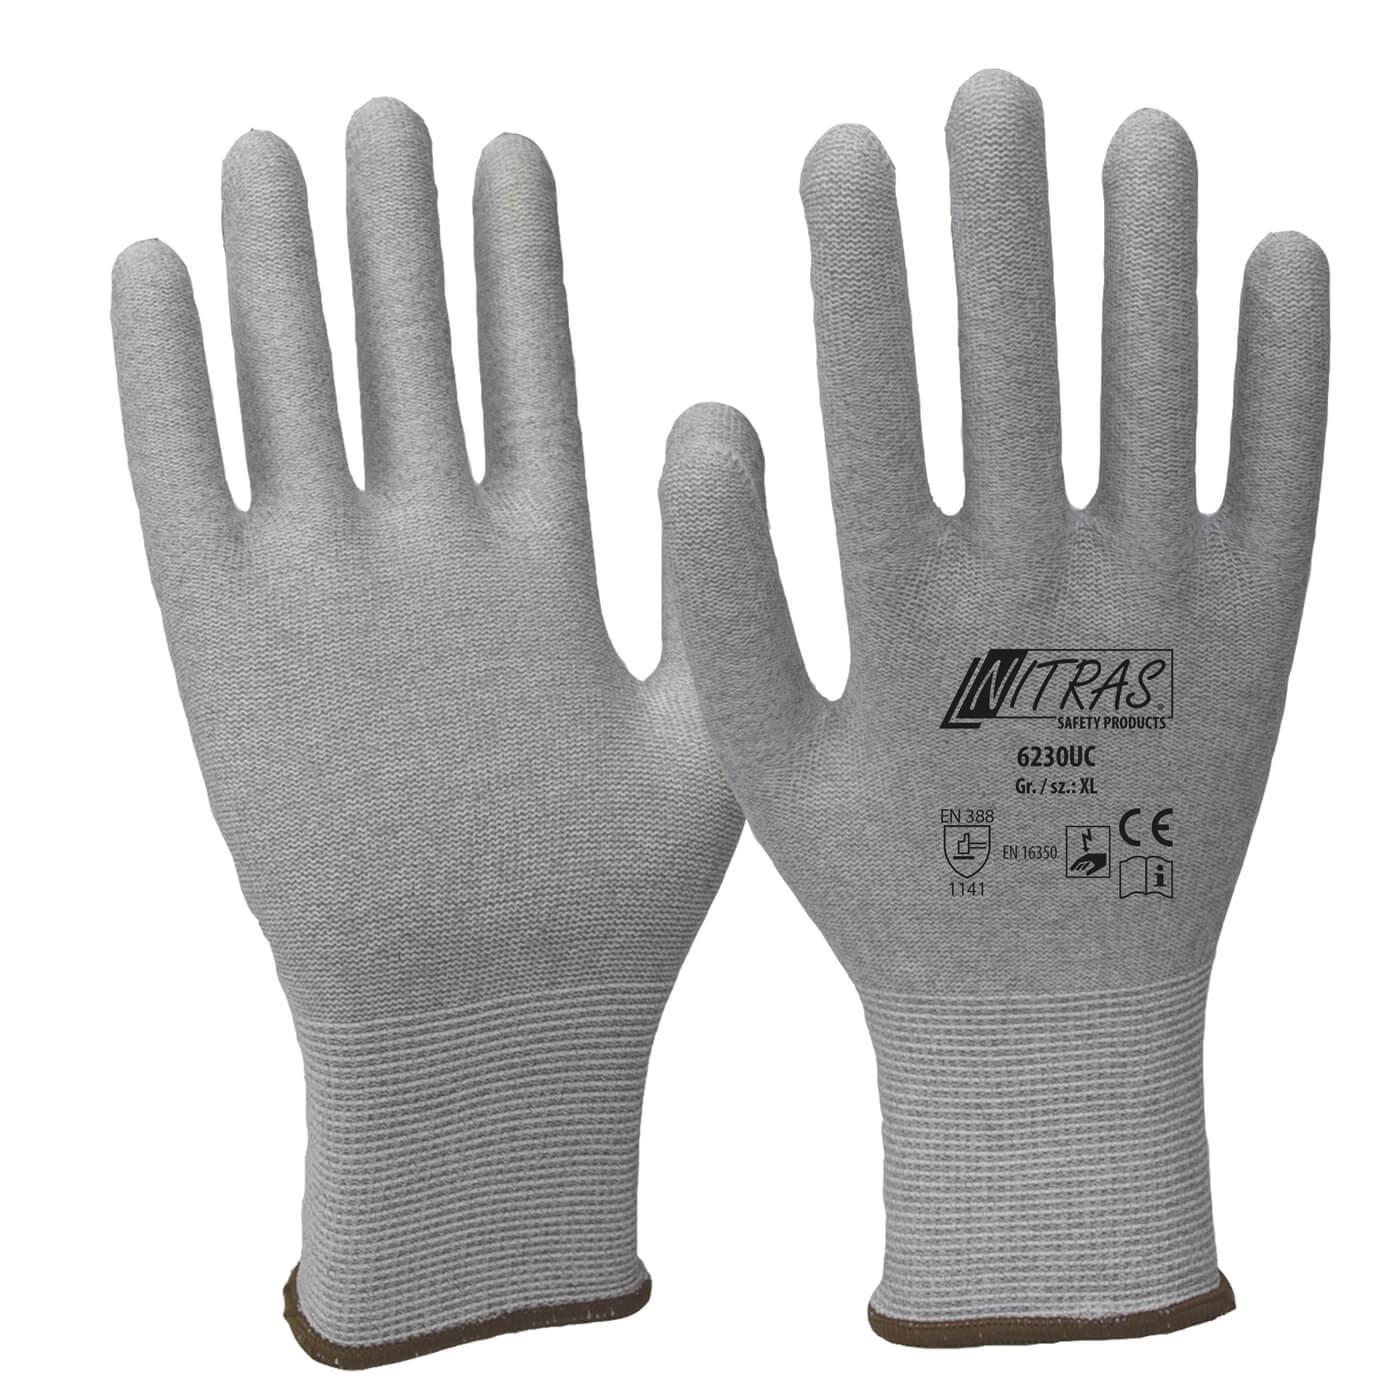 Rękawice antystatyczne Nitras 6230UC